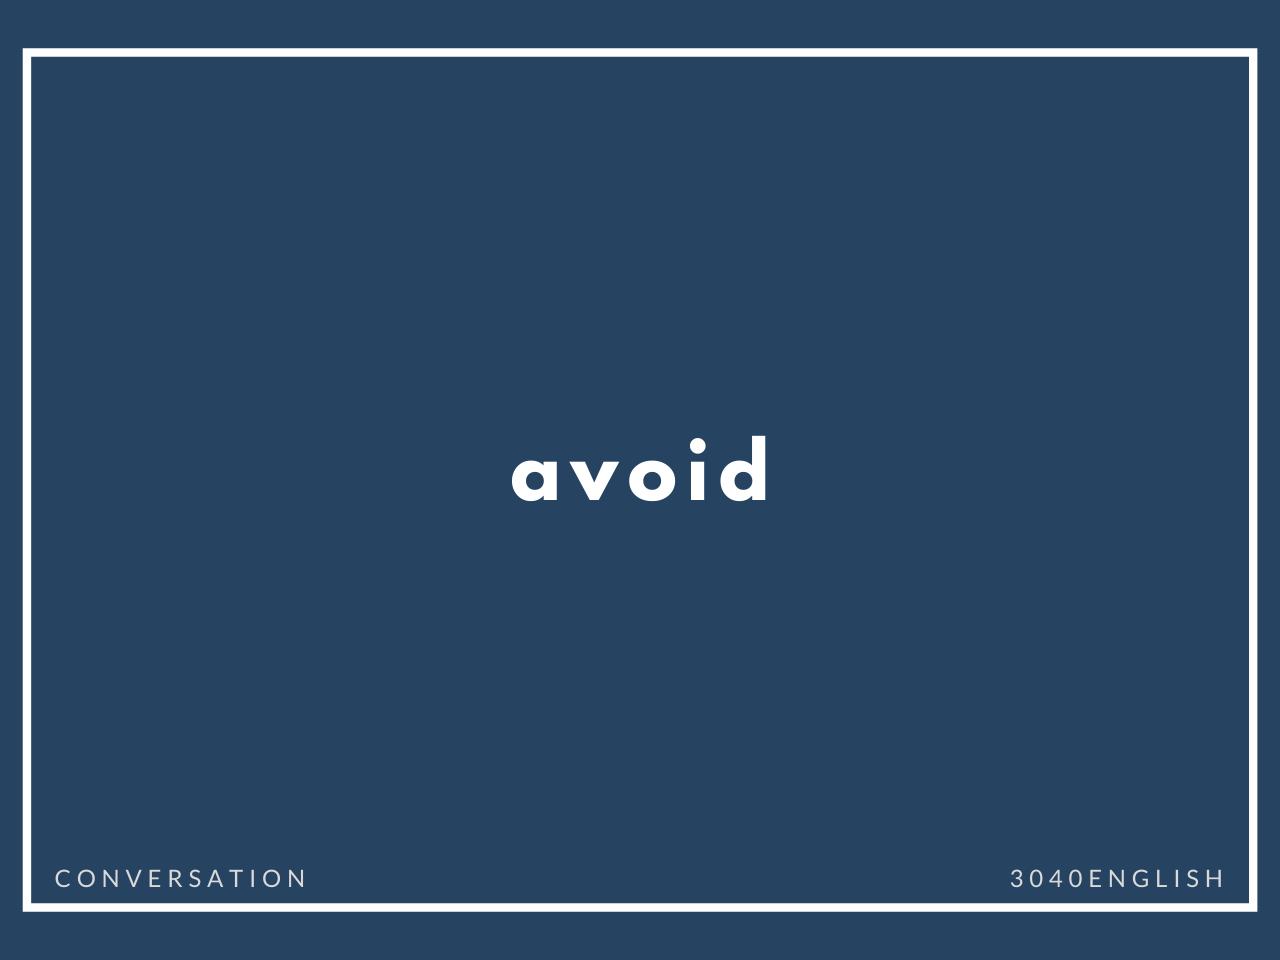 「~するのを避けるようにしている」の英語表現【例文あり】